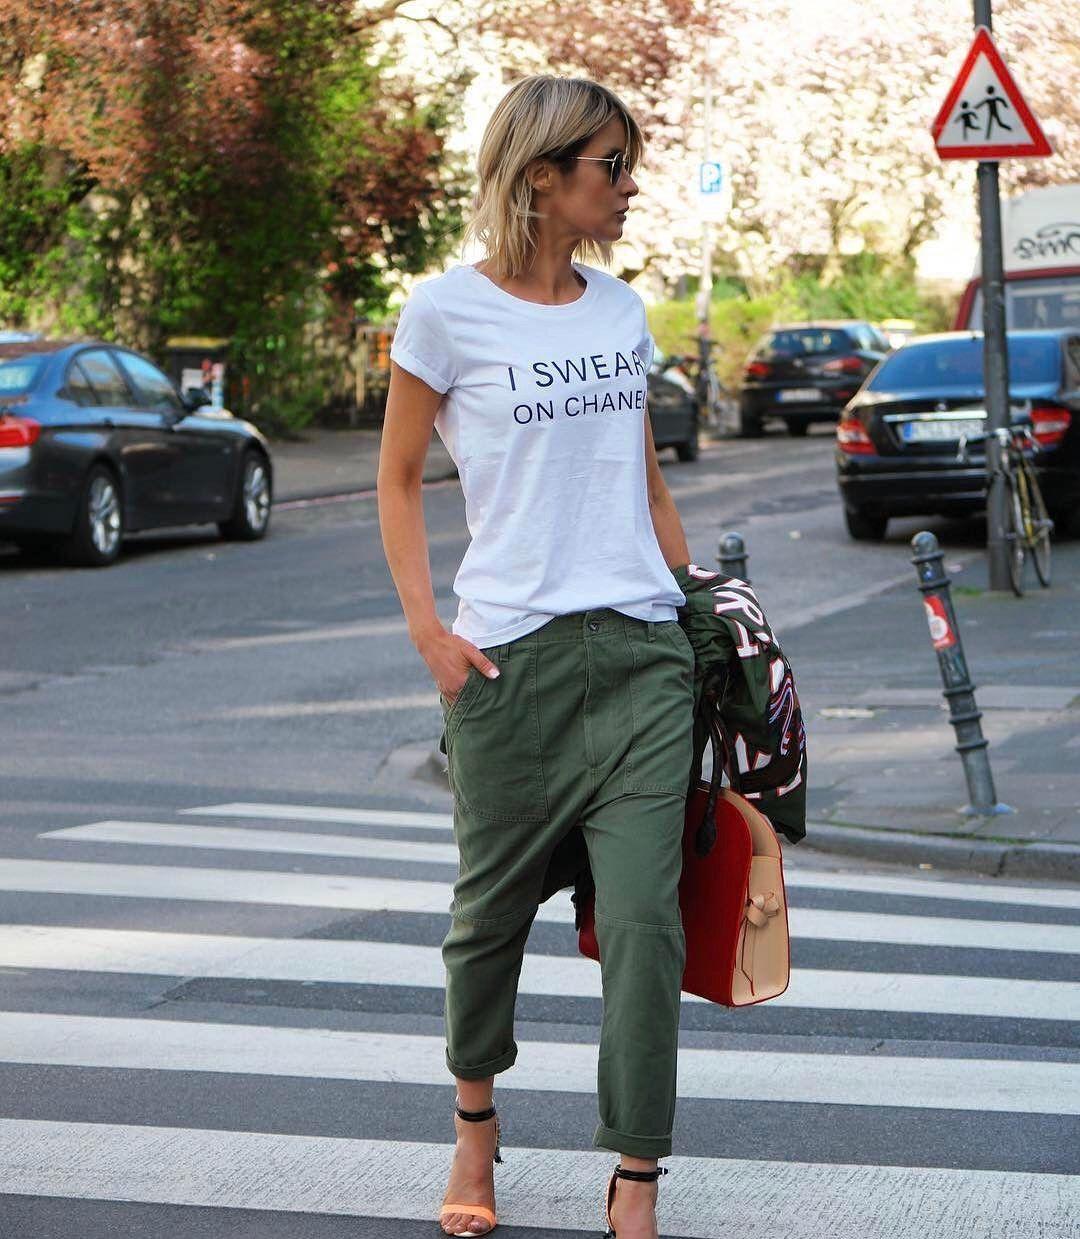 street style verde caqui y camiseta con mensaje moda verano pinterest mensajes camisetas. Black Bedroom Furniture Sets. Home Design Ideas